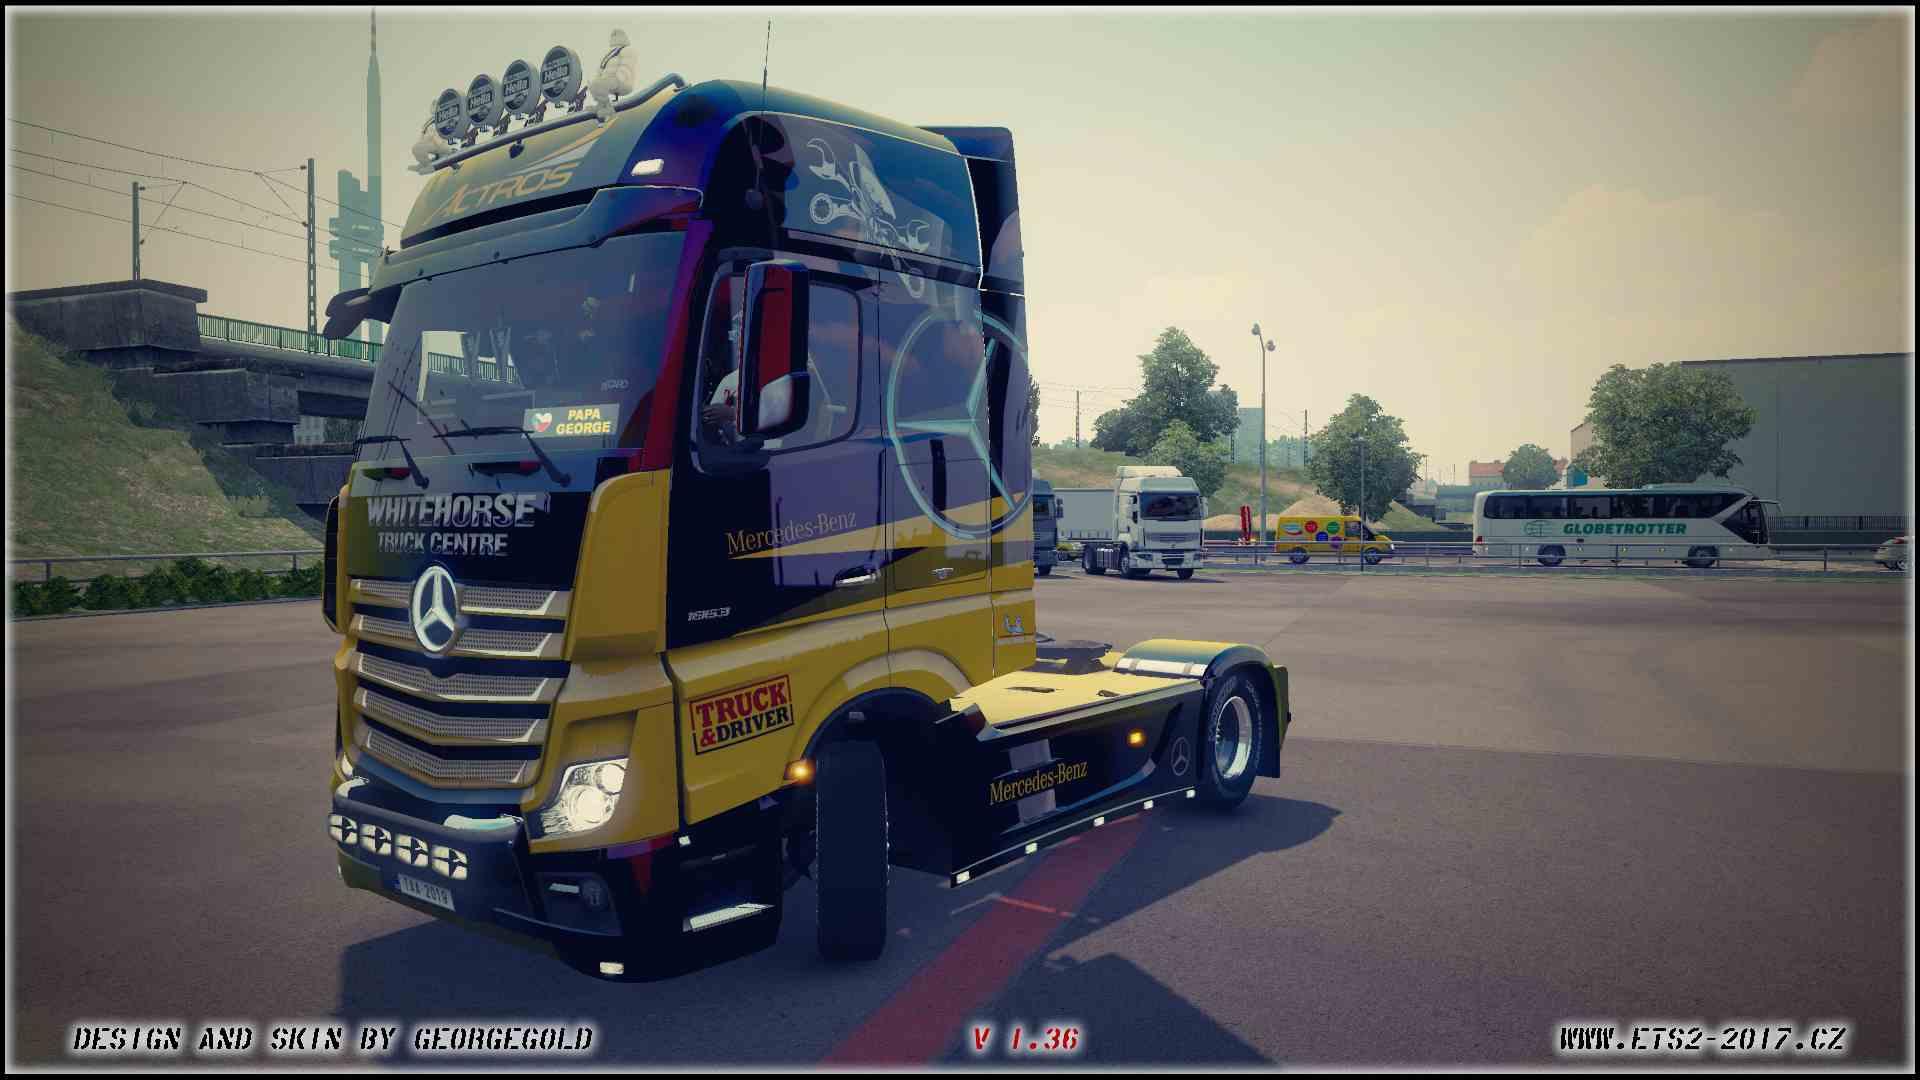 MP4 Truck & Driver